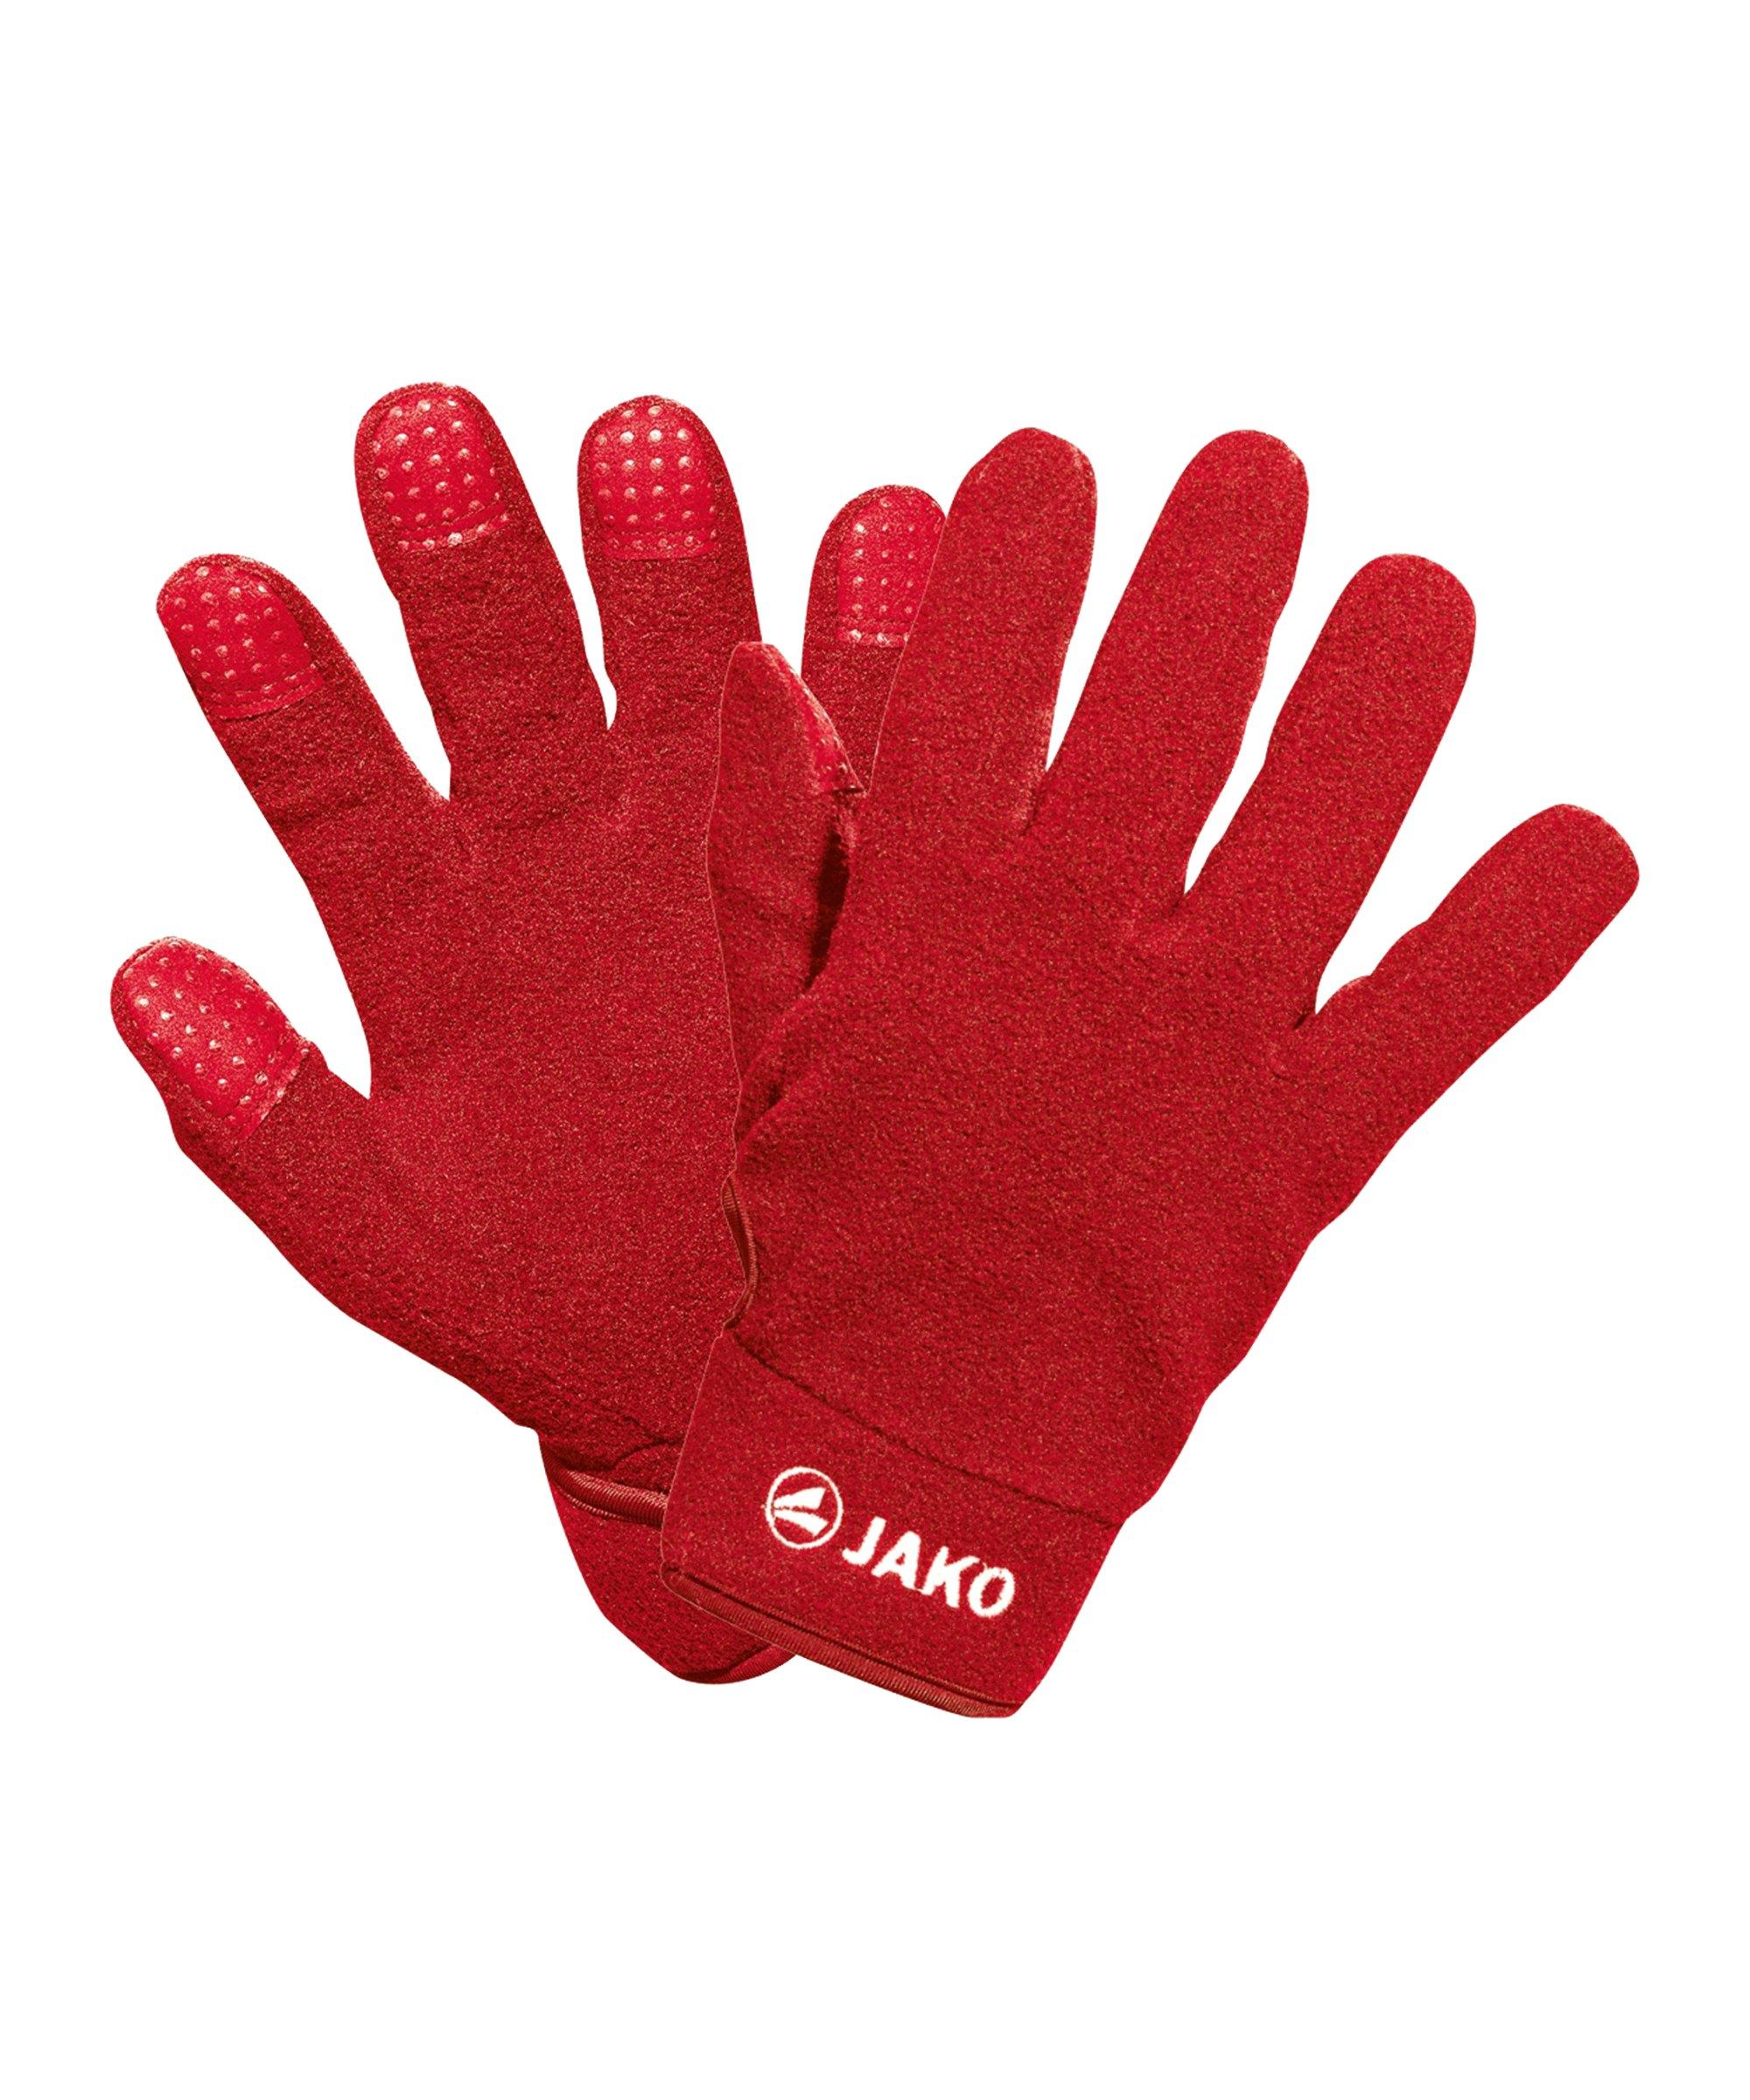 Jako Feldspielerhandschuh Fleece Rot F01 - rot